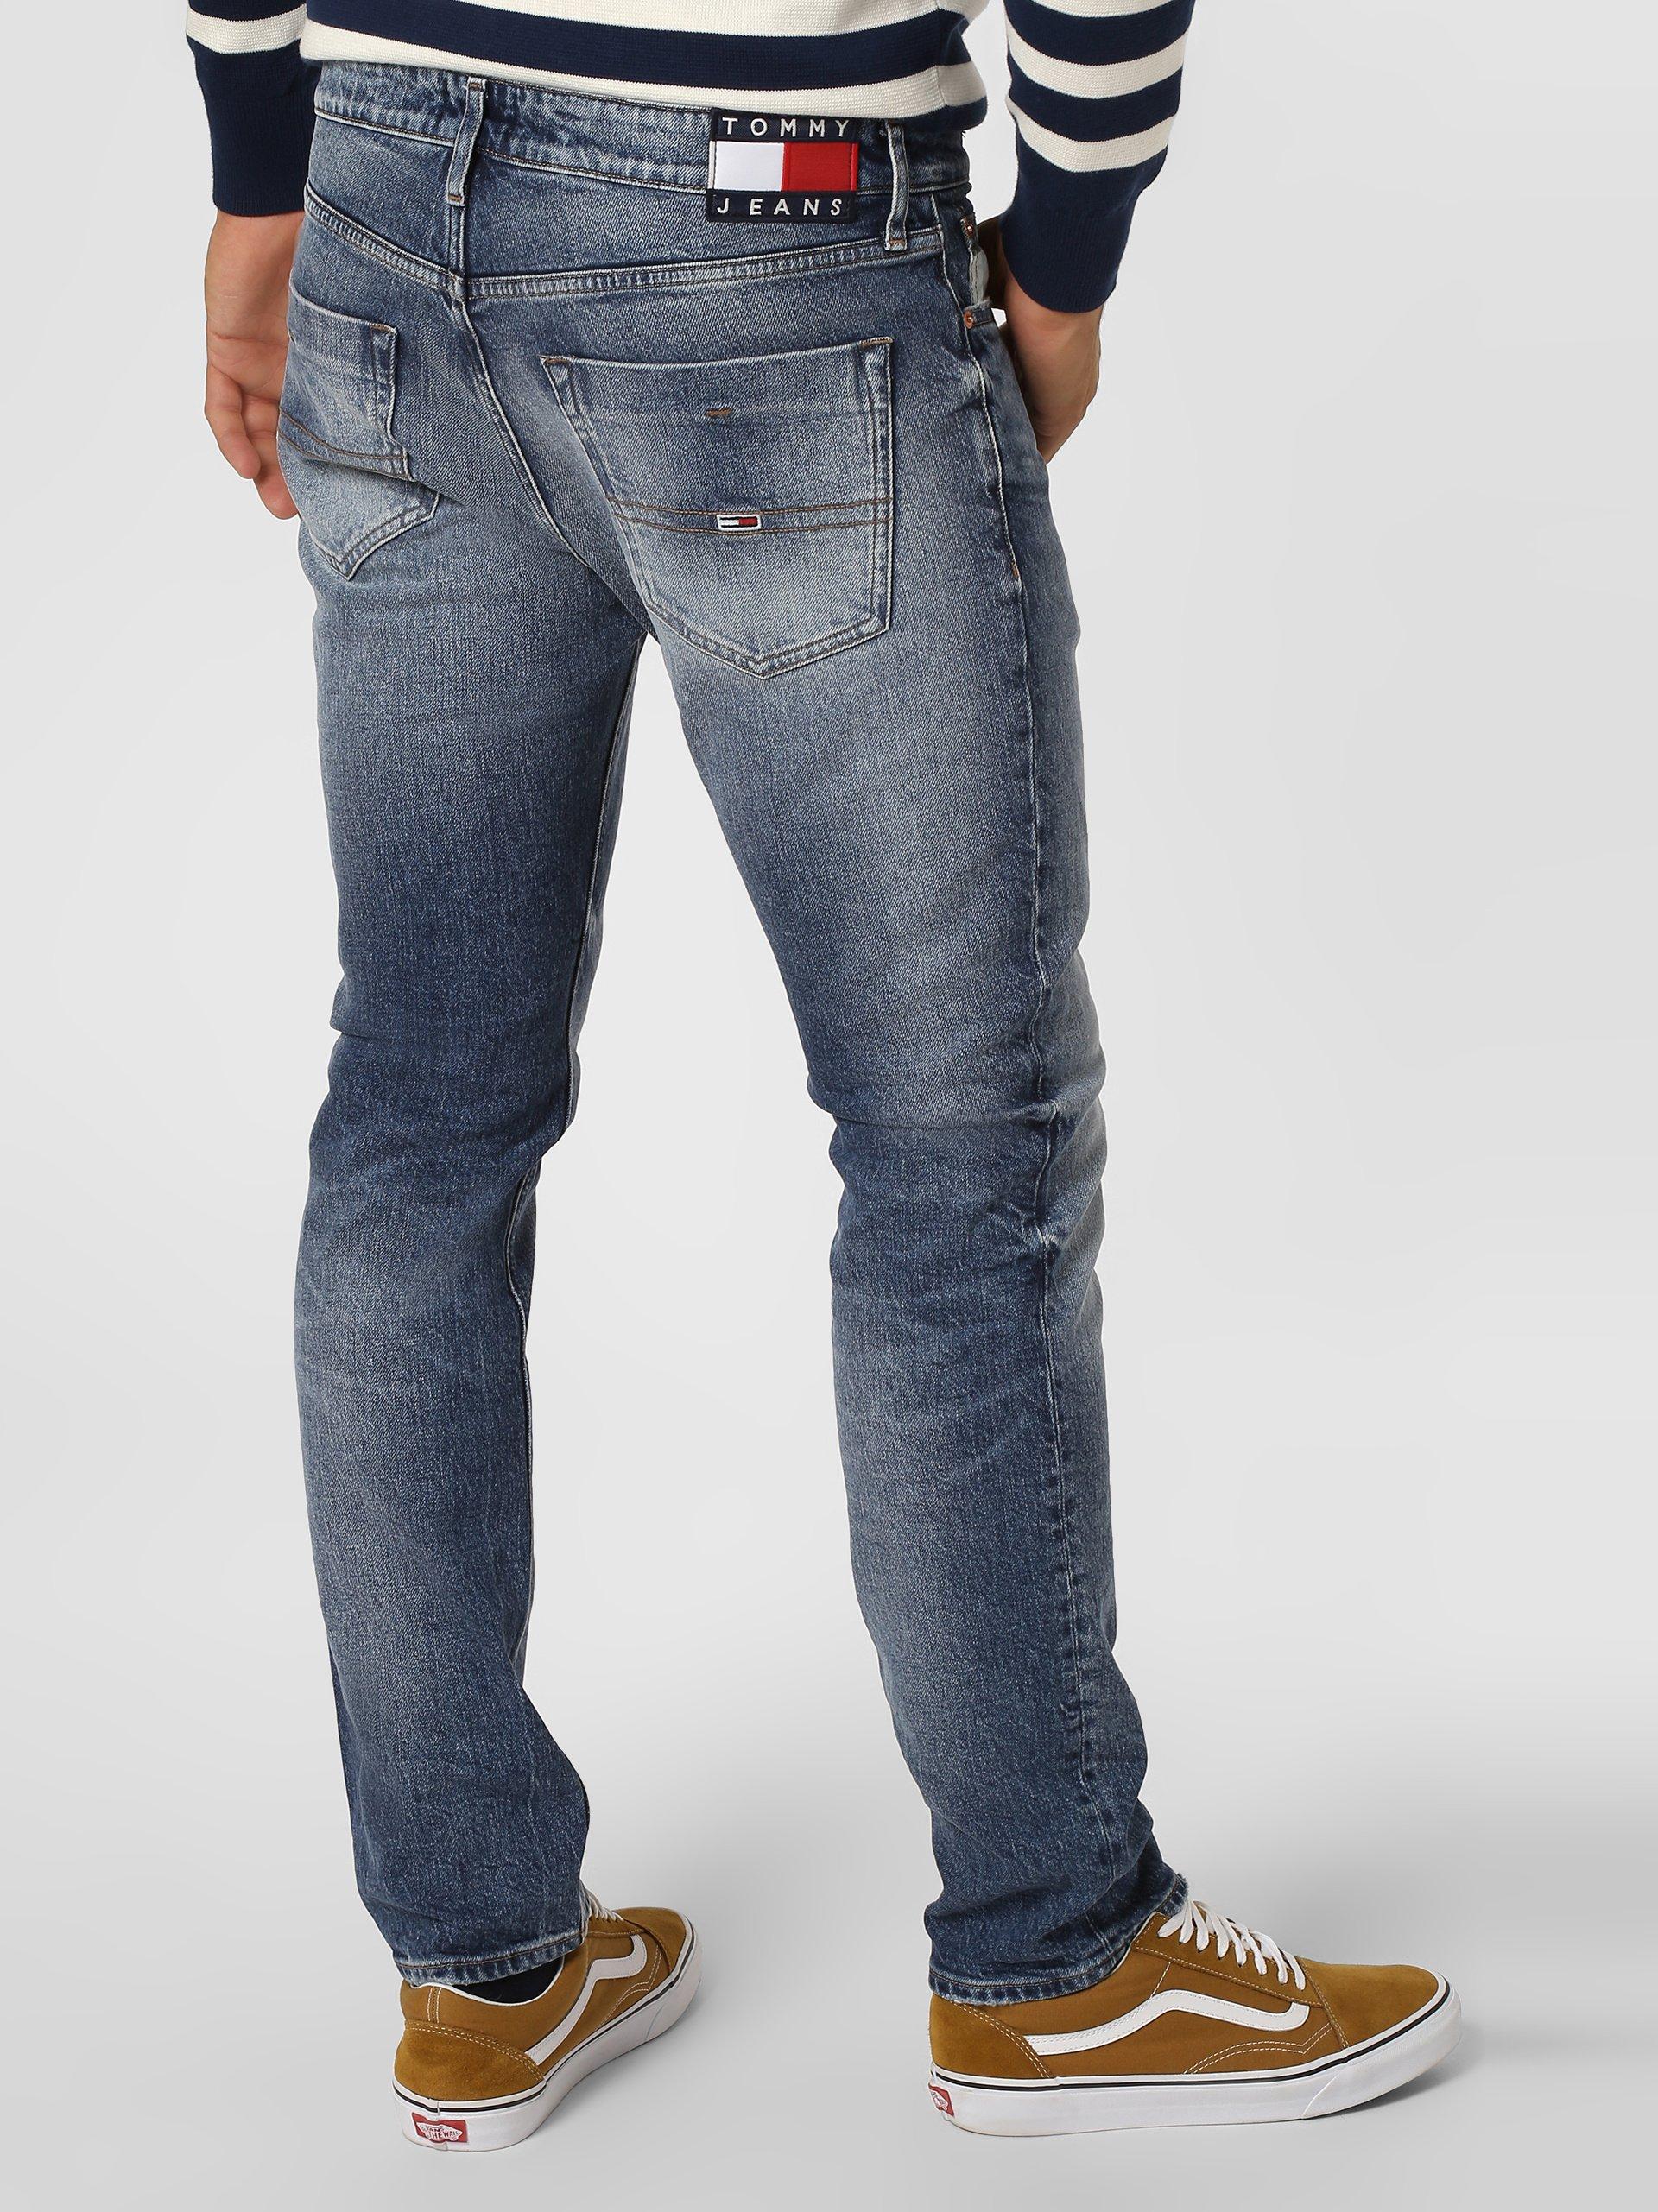 Tommy Jeans Herren Jeans - Scanton Heritage